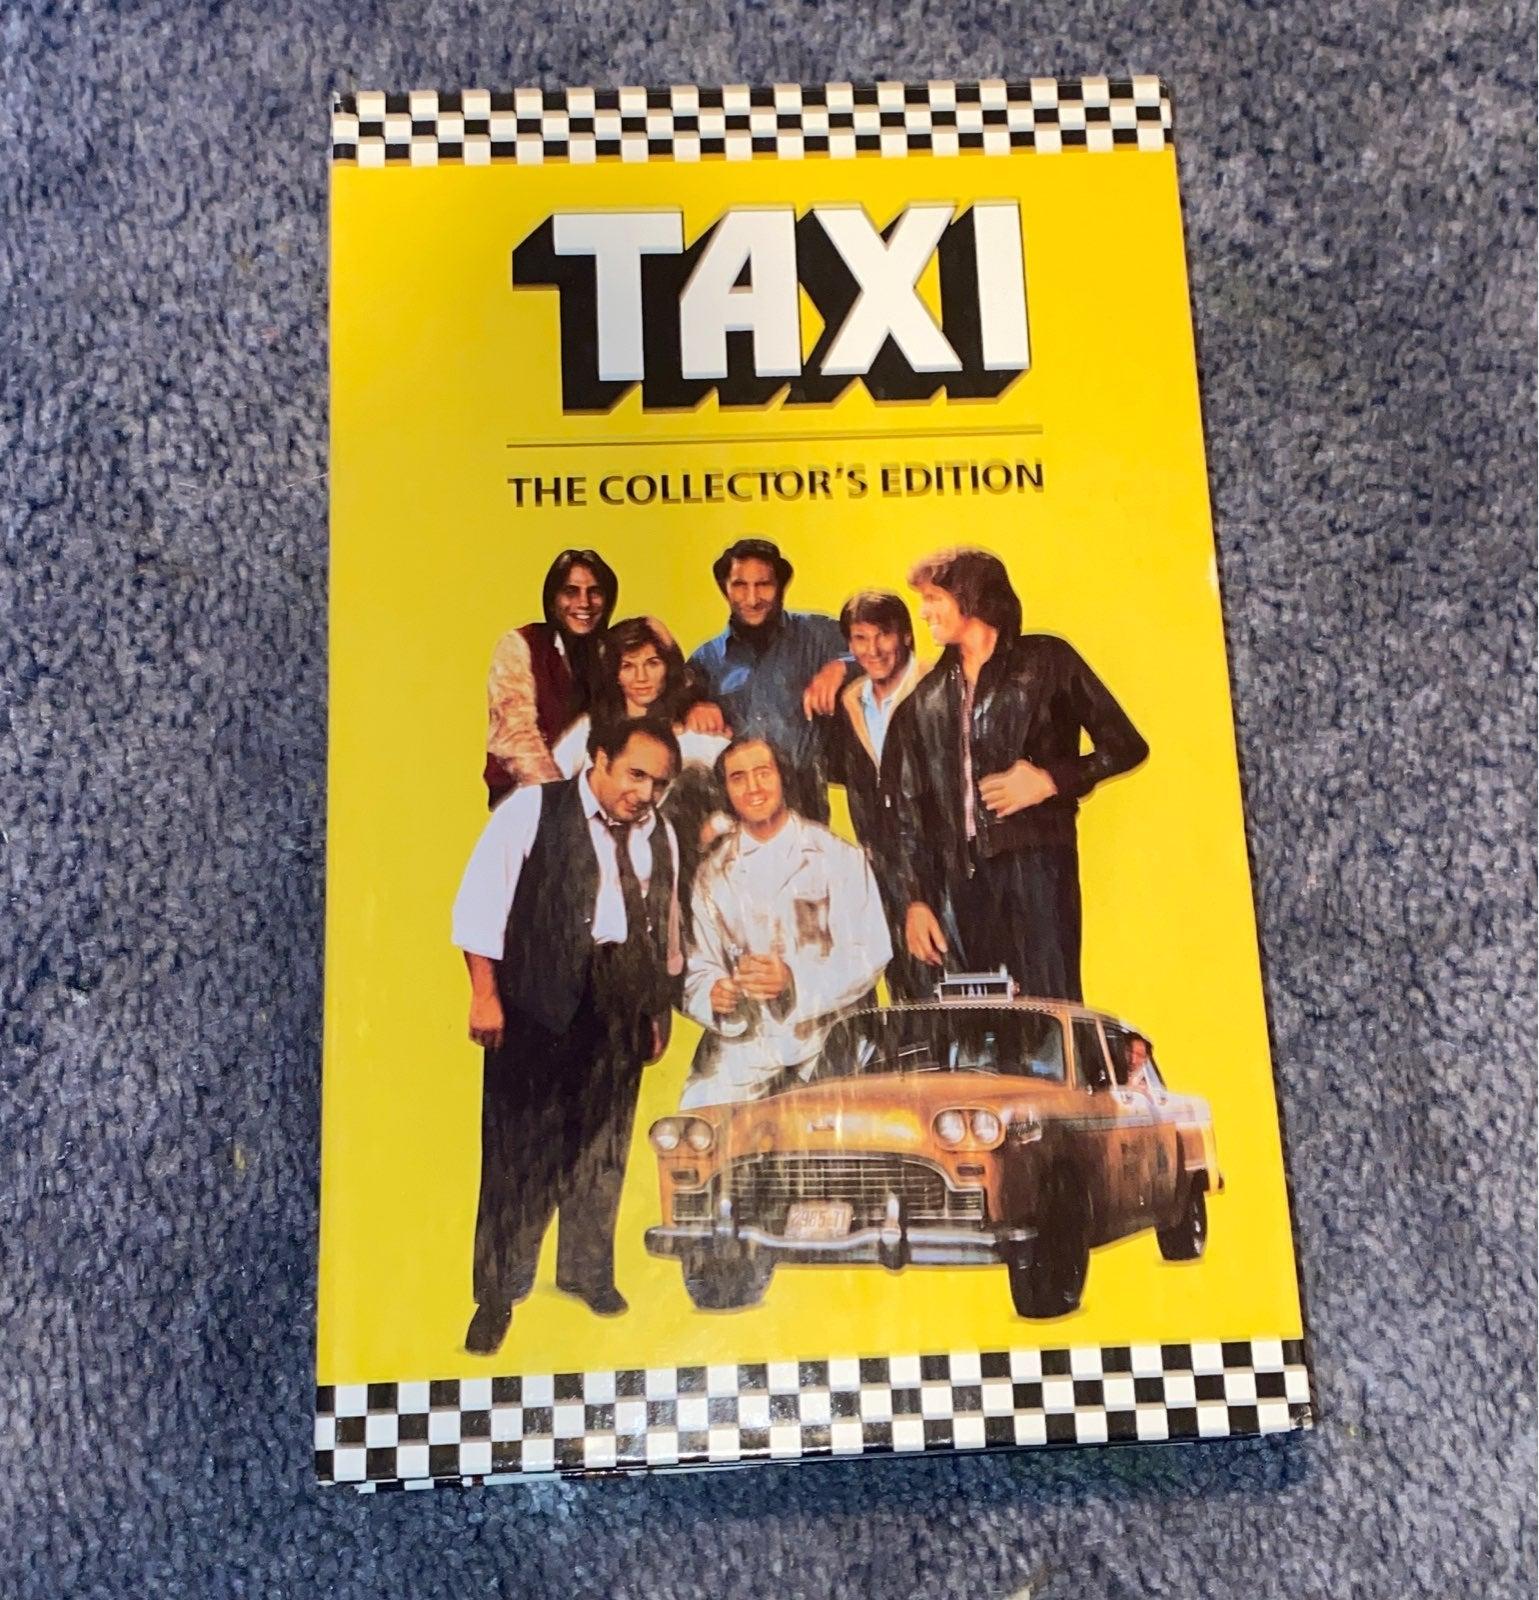 Taxi VHS RARE COLLECTORS EDITION NIB